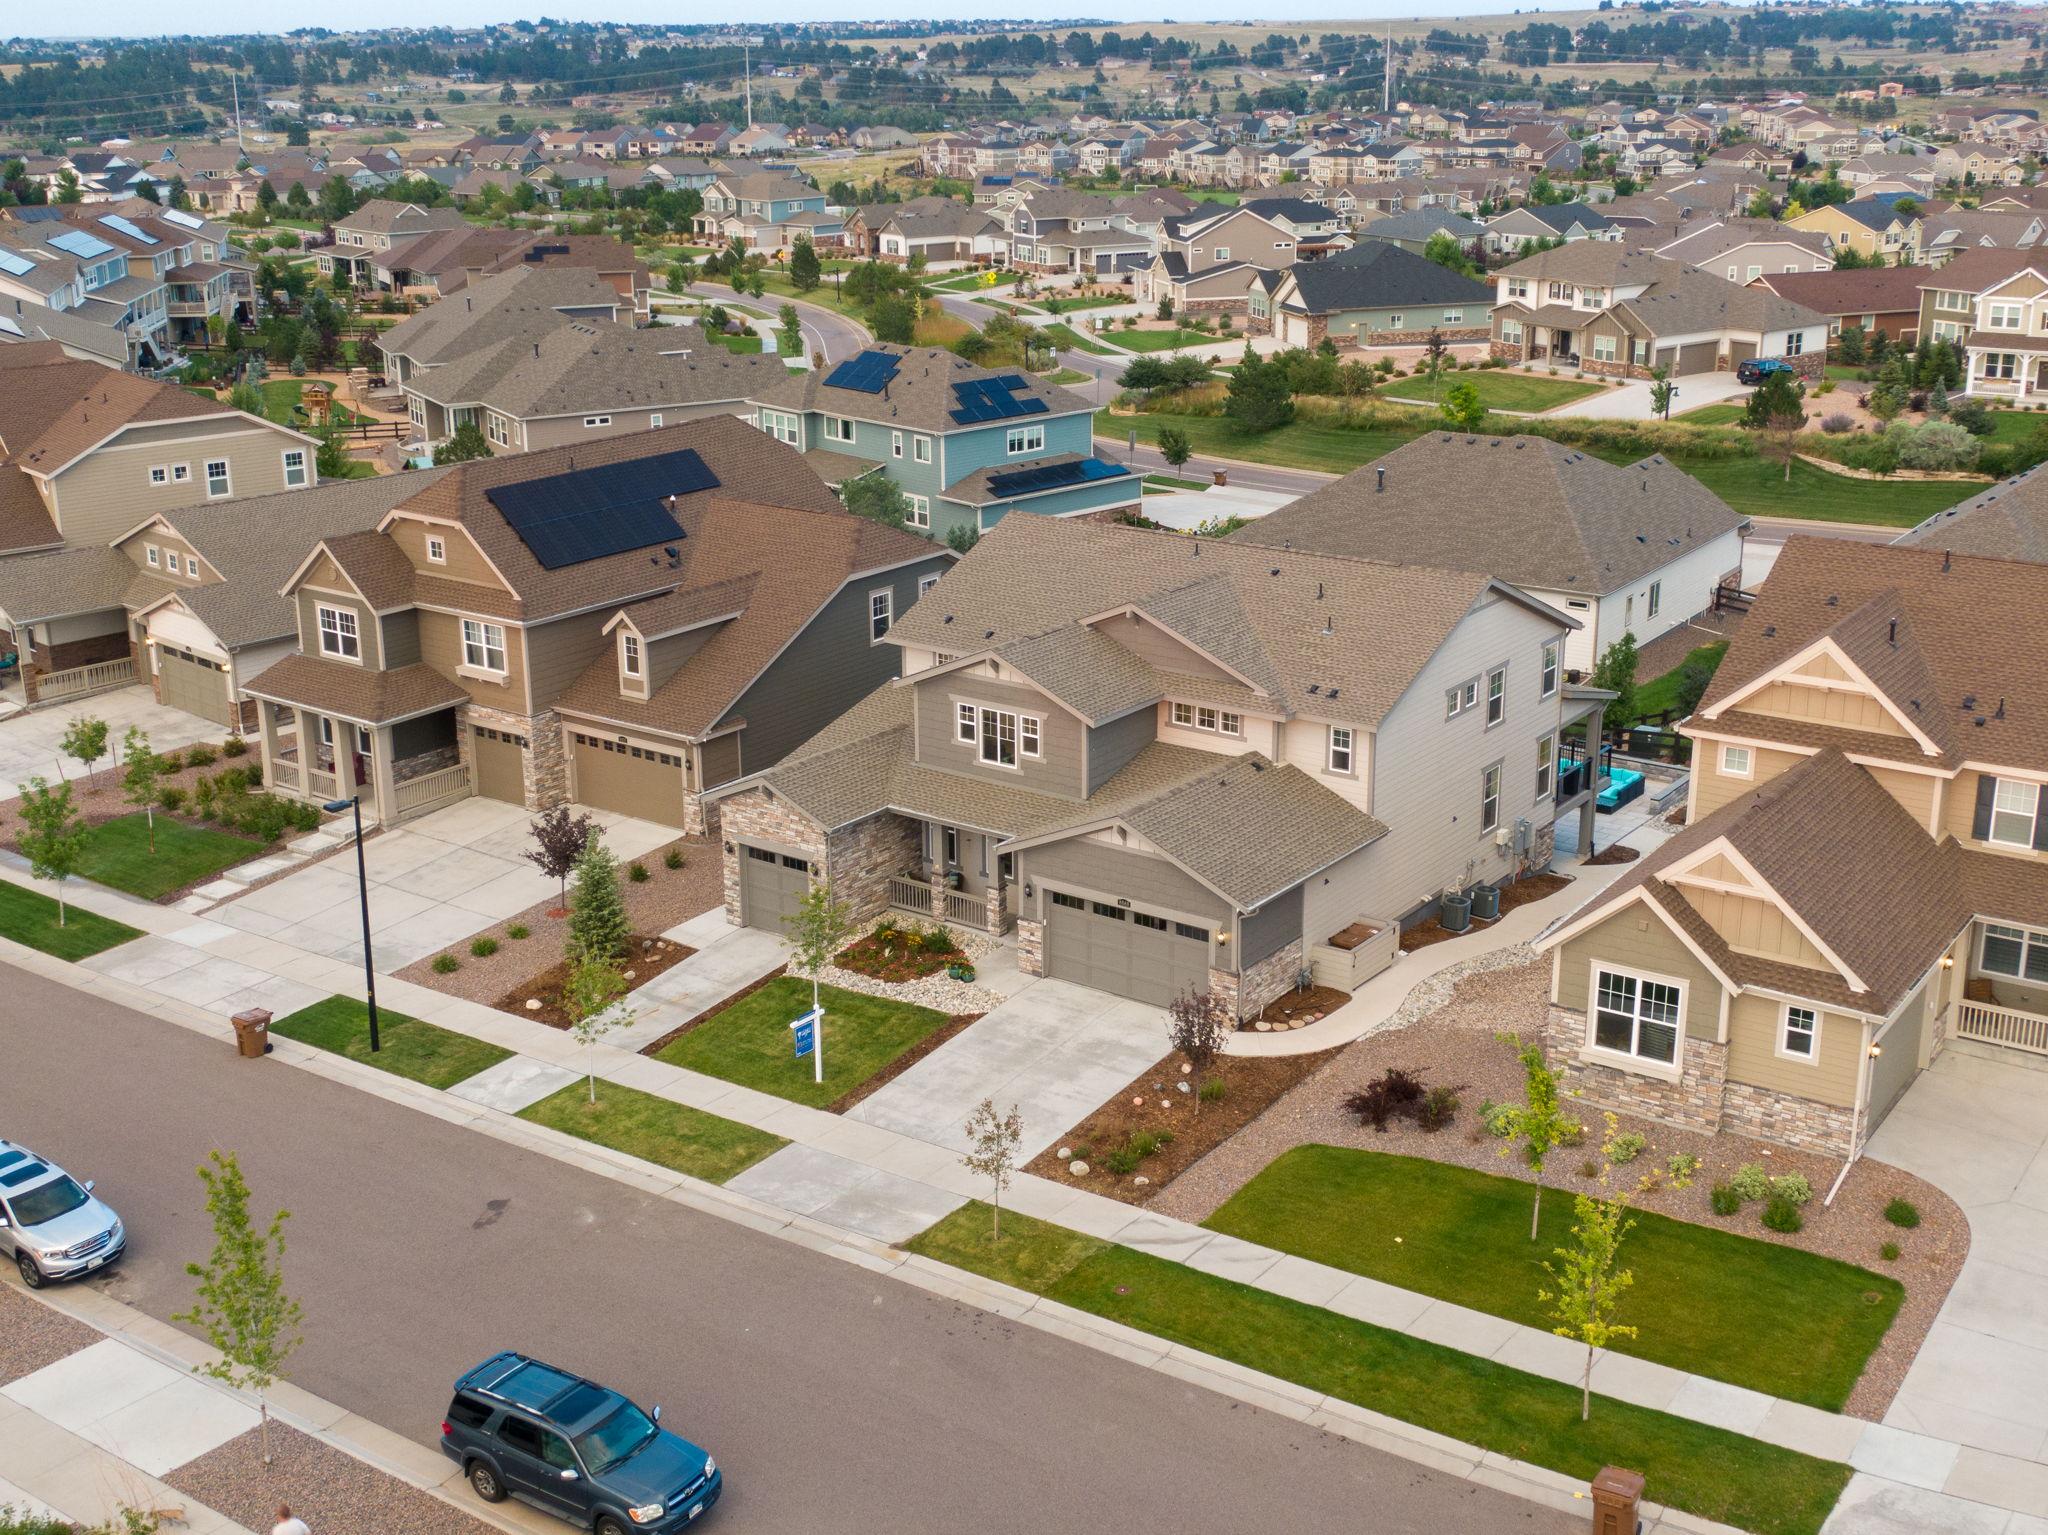 8888 S Zante St, Aurora, CO 80016, USA Photo 71